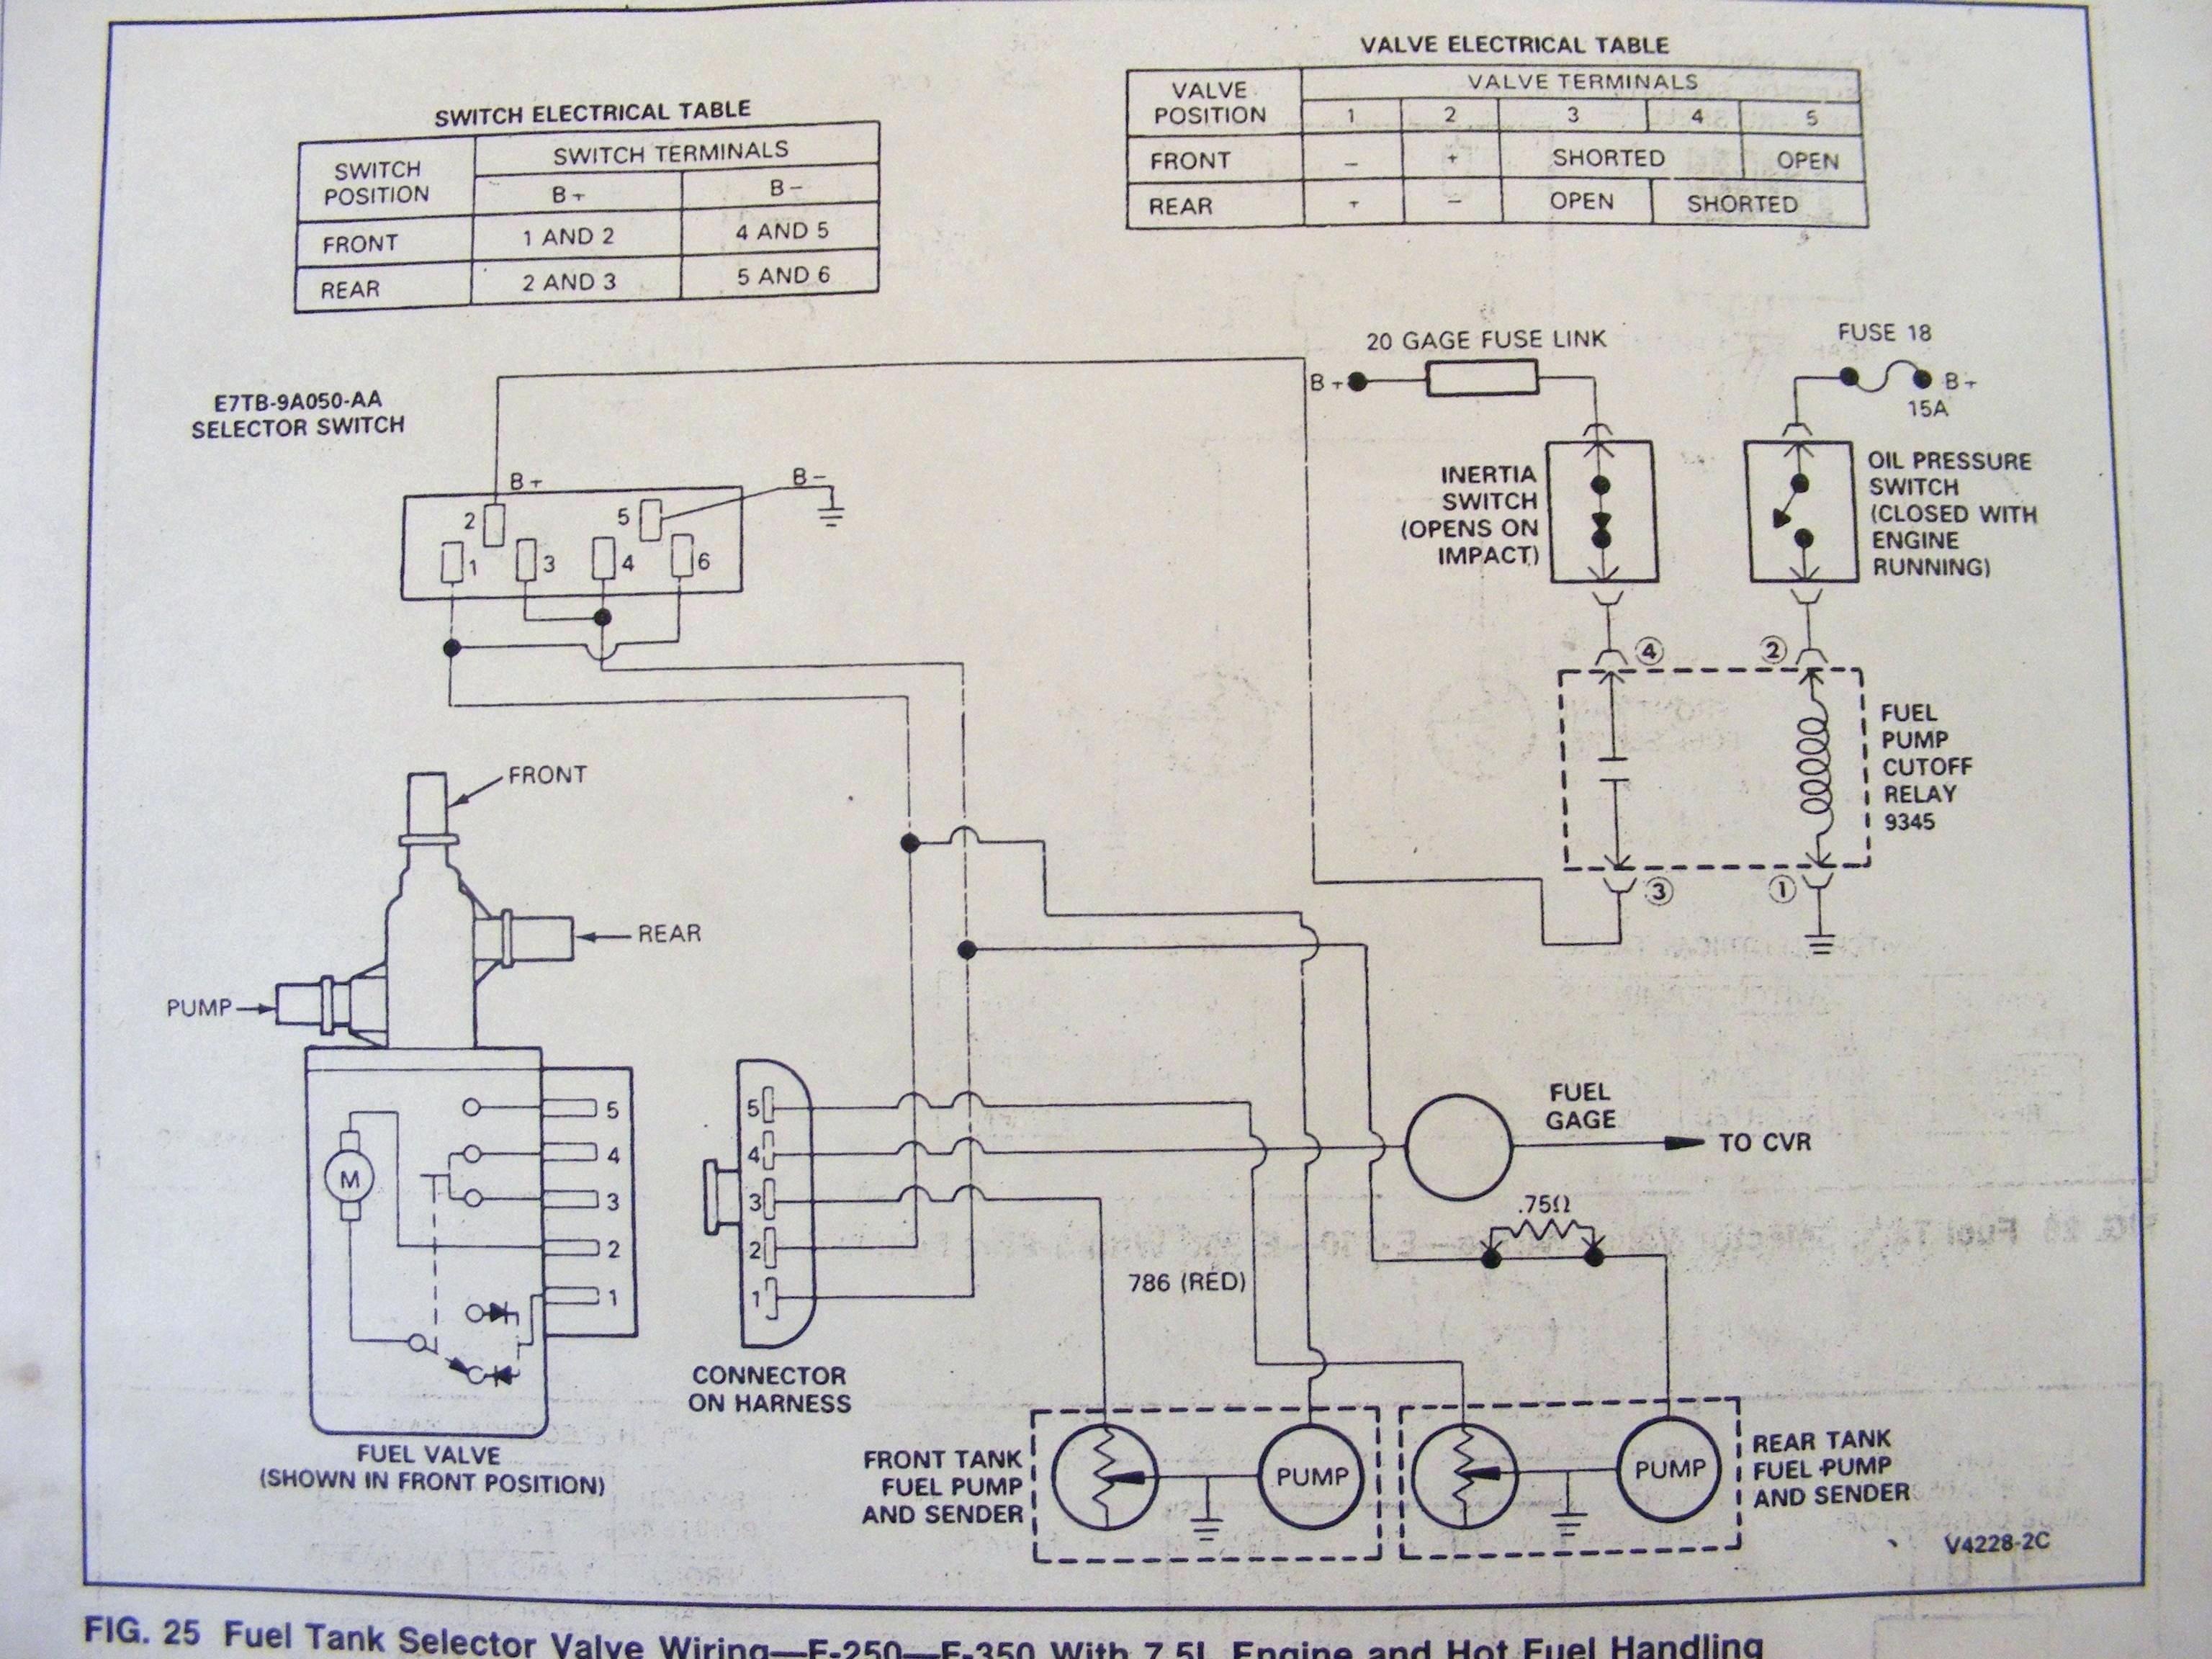 Coleman Mach Thermostat Wiring Diagram | Wiring Diagram - Coleman Mach Thermostat Wiring Diagram